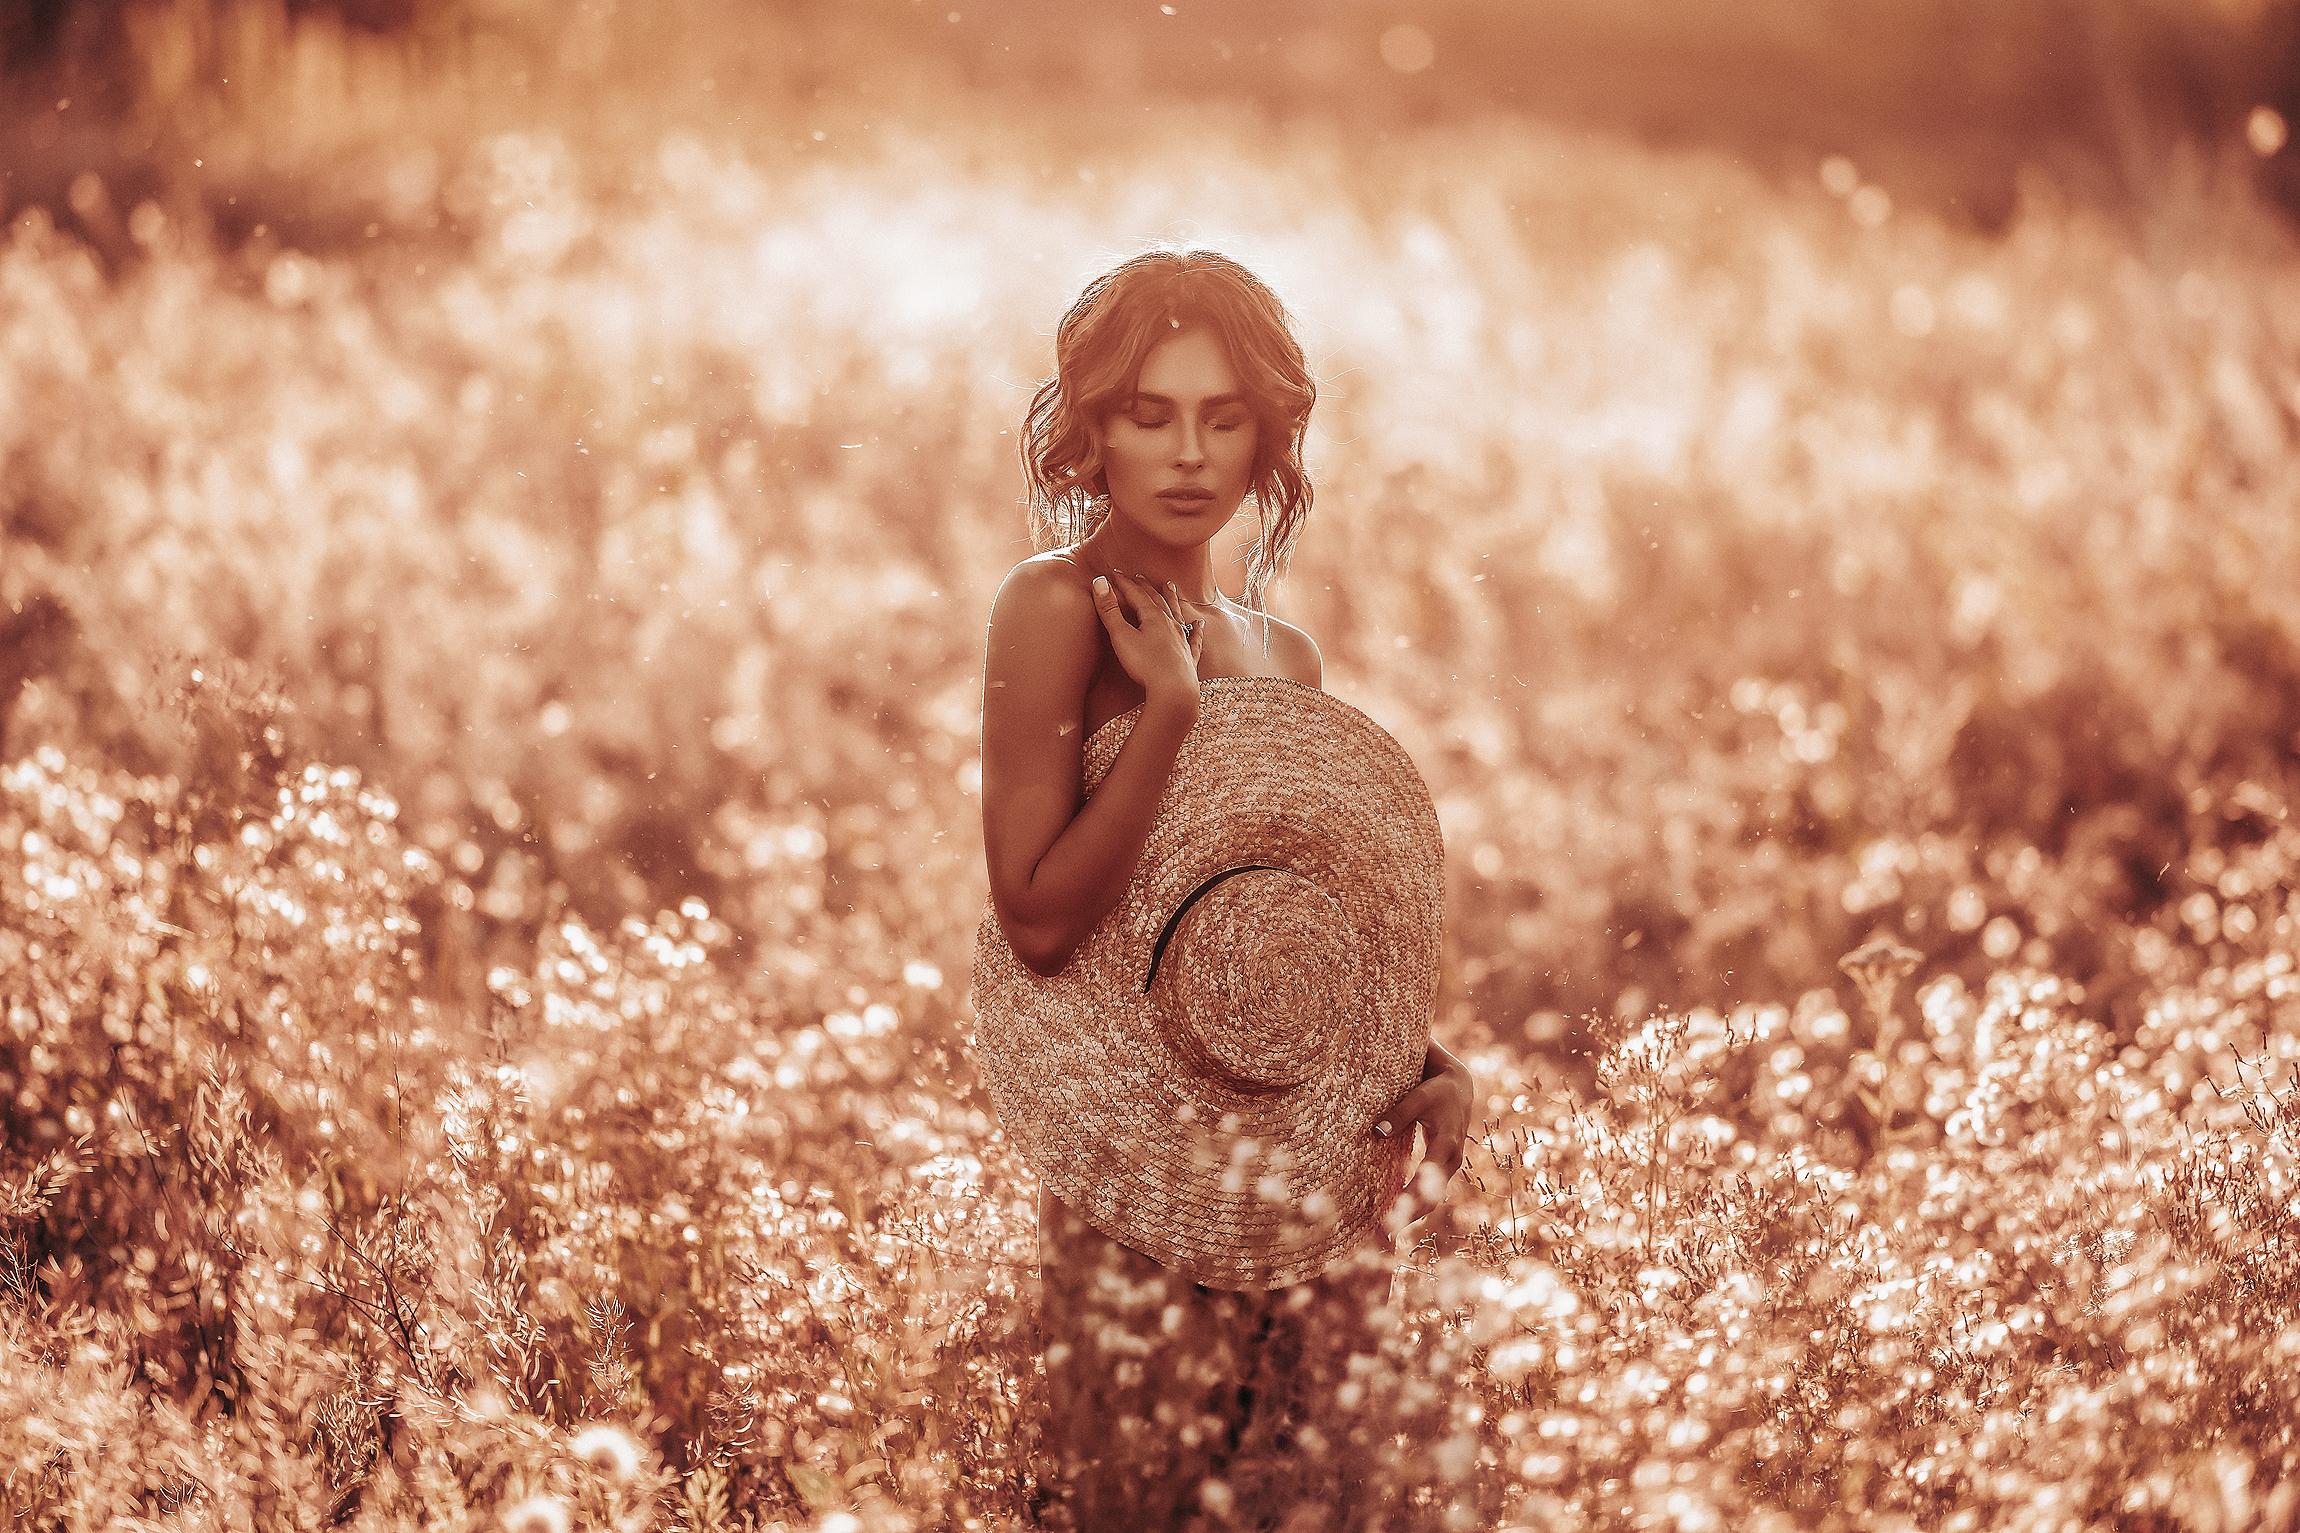 Девушка в поле / Photographyzp Yana